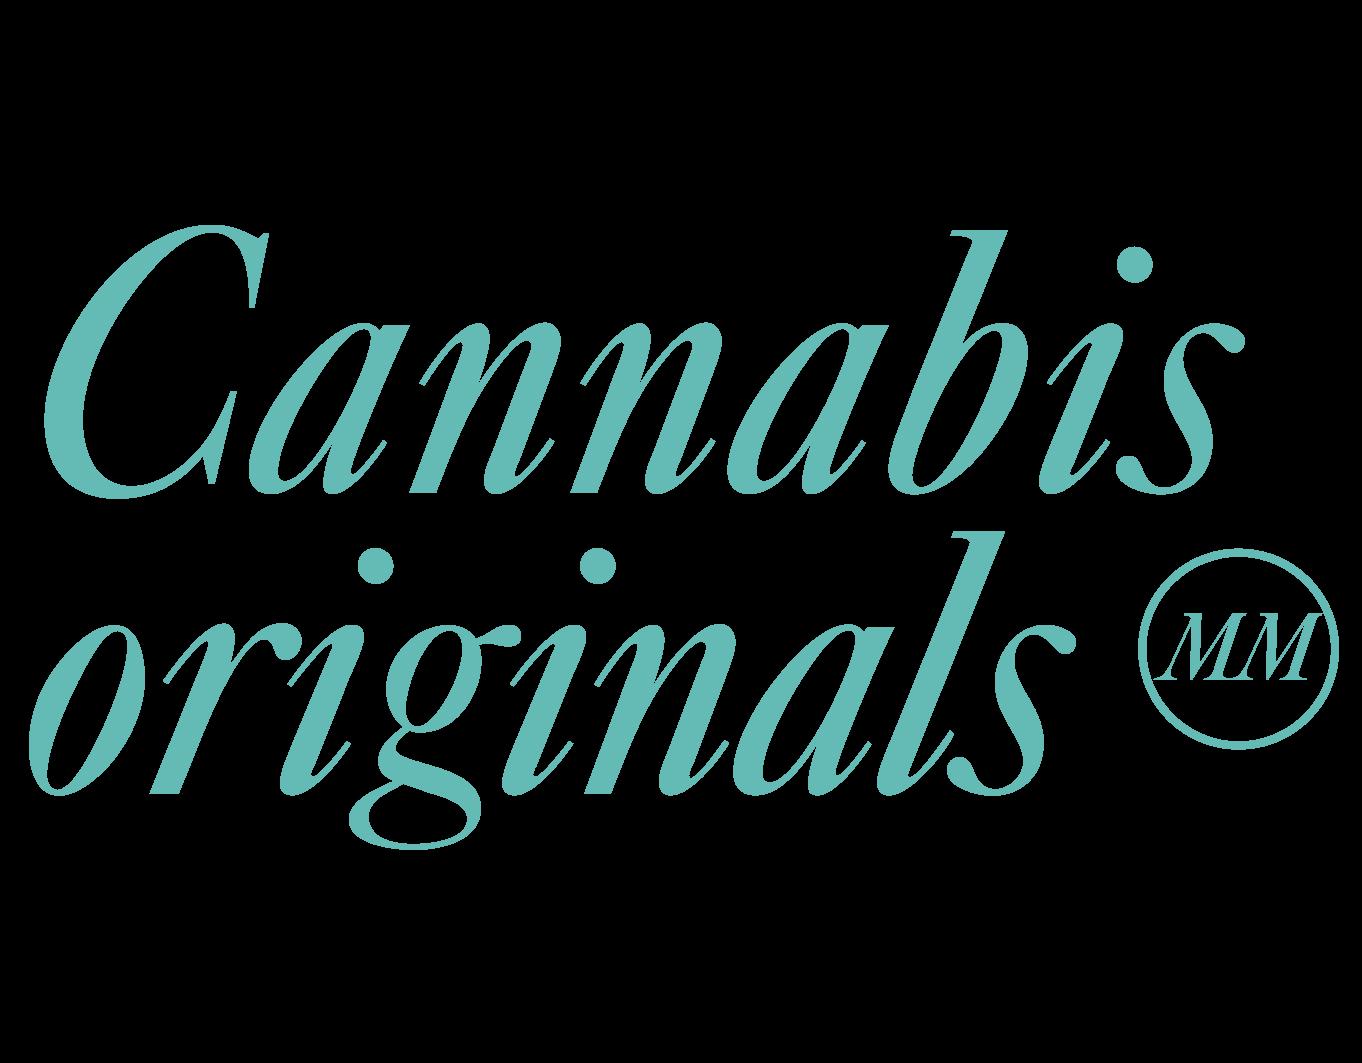 Cannabis Originals - logo